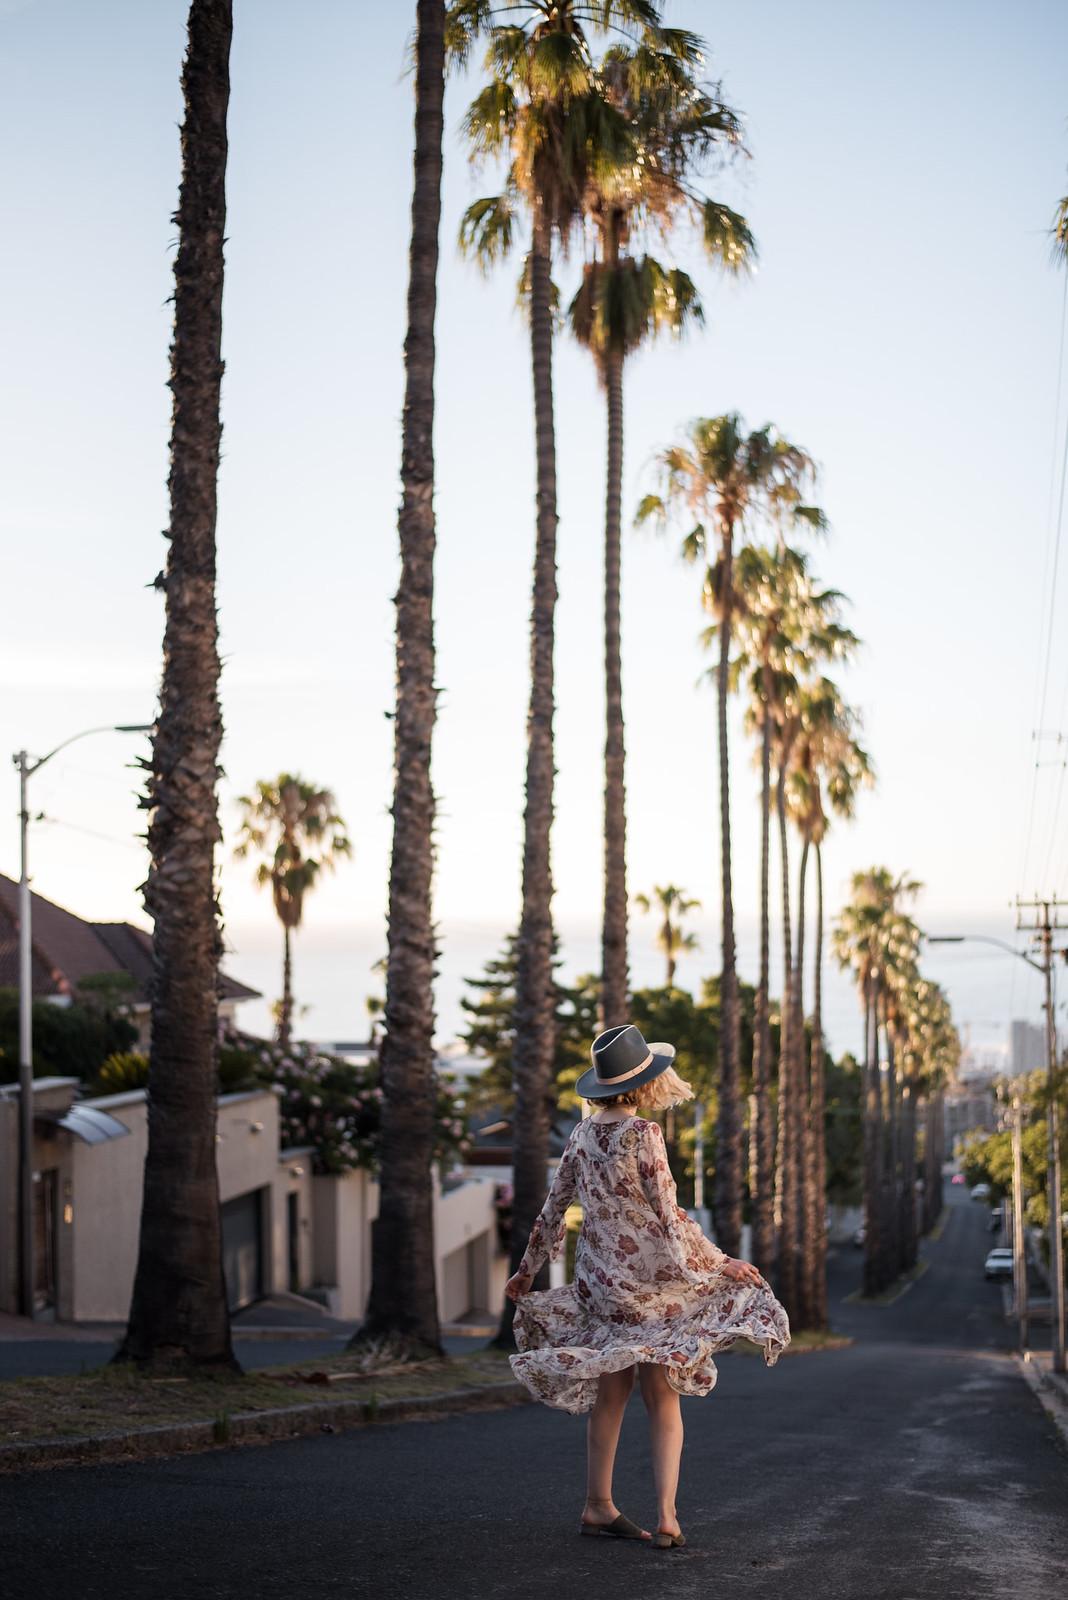 Cape Town Beach Streets on juliettelaura.blogspot.com